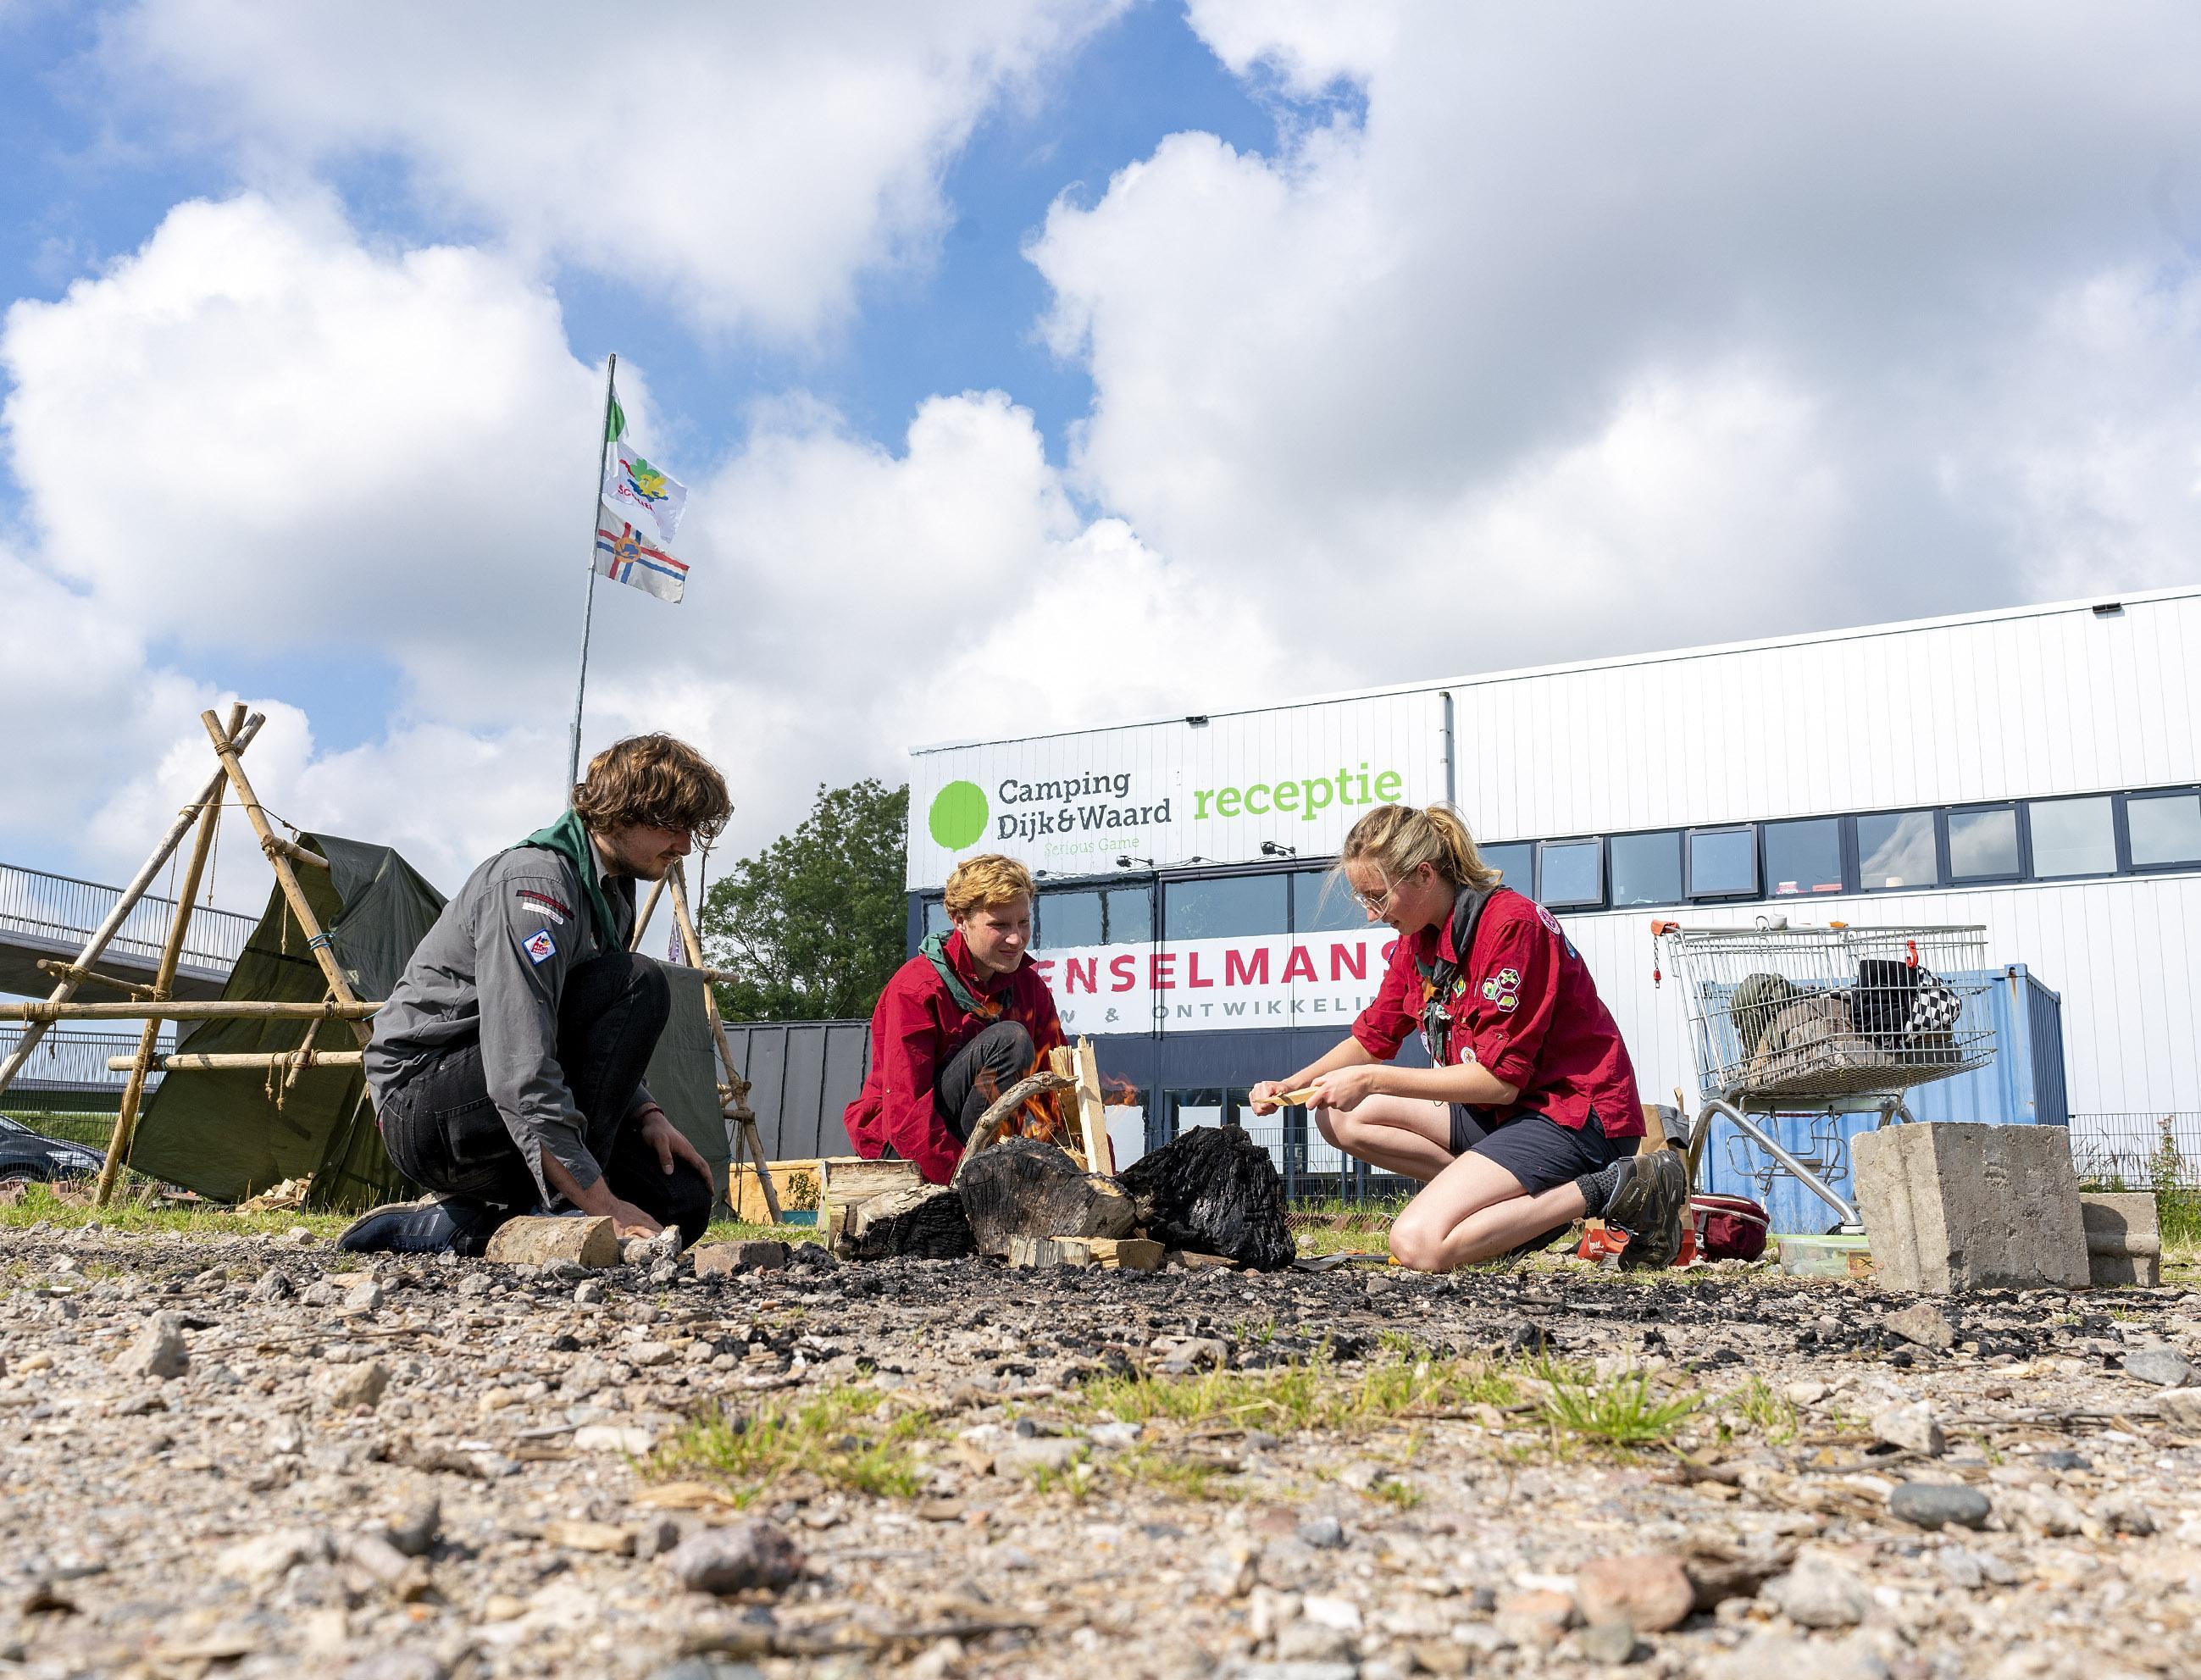 Raadsfracties kritisch op besteding geld uit coronasteunfonds, maar 'Camping Dijk & Waard is nu al een groot succes', vindt het college van Heerhugowaard